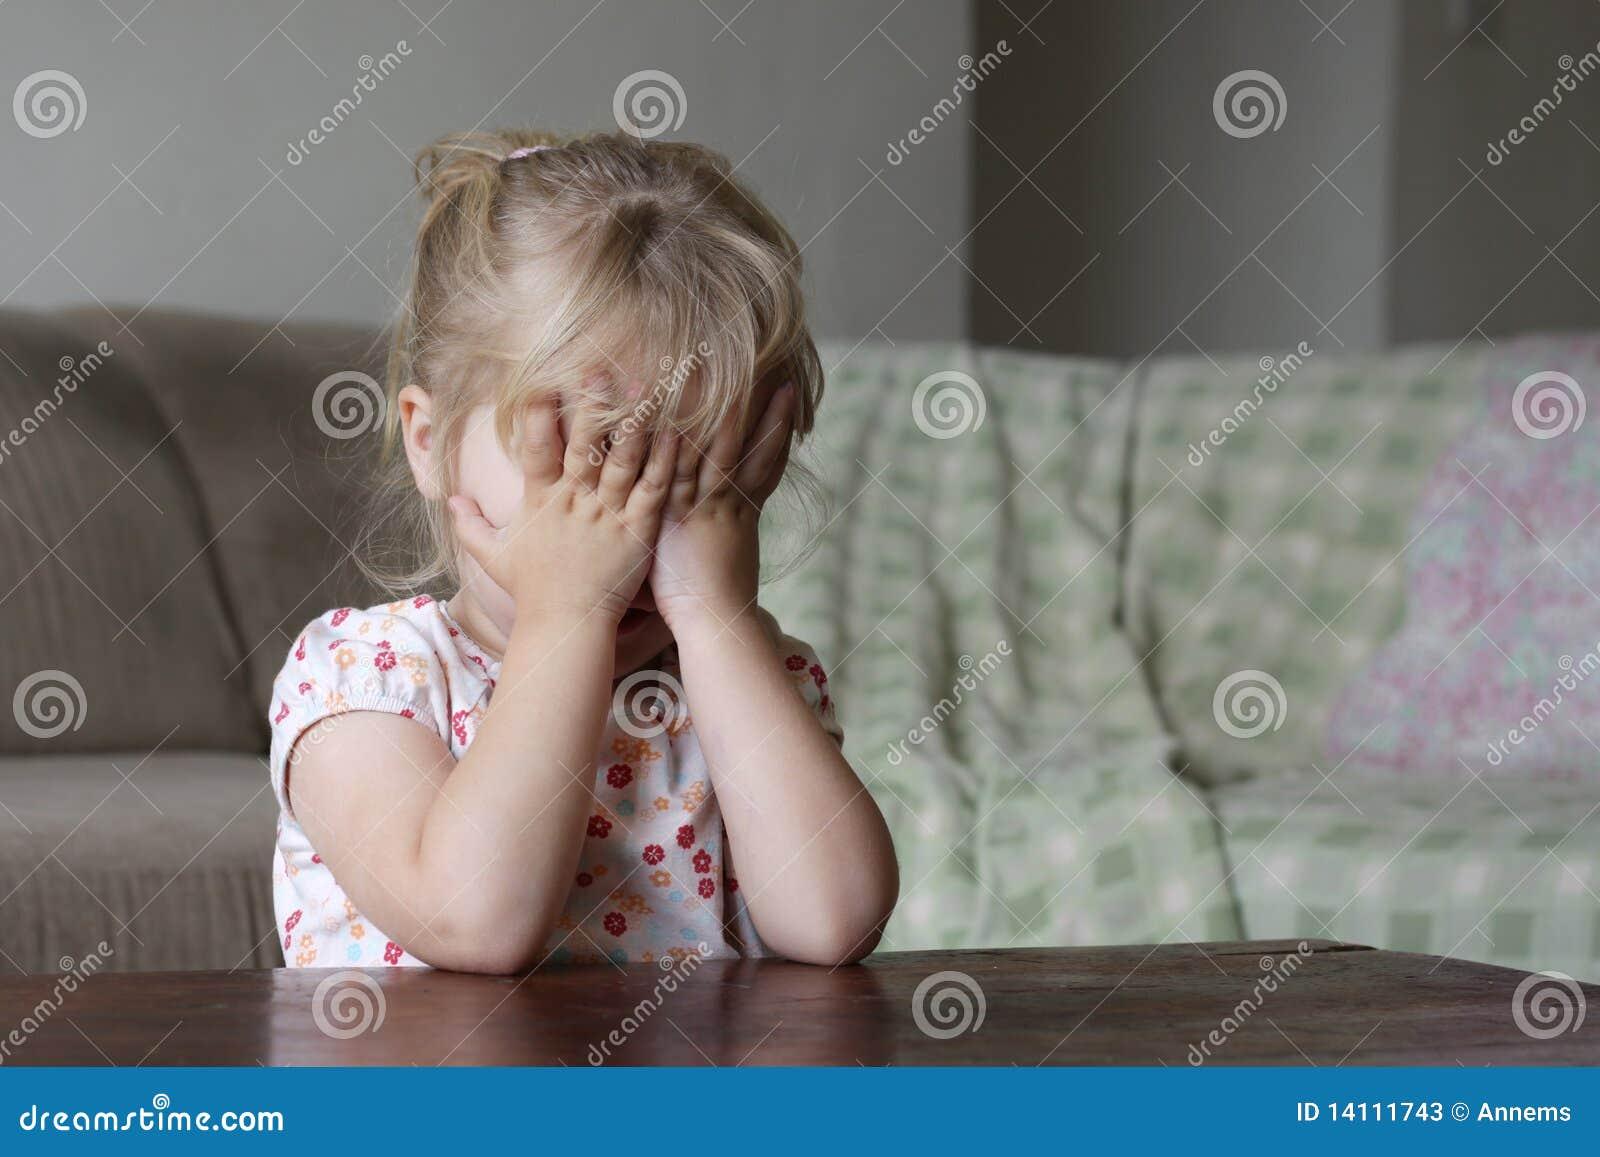 Стеснительная девочка фото 9 фотография